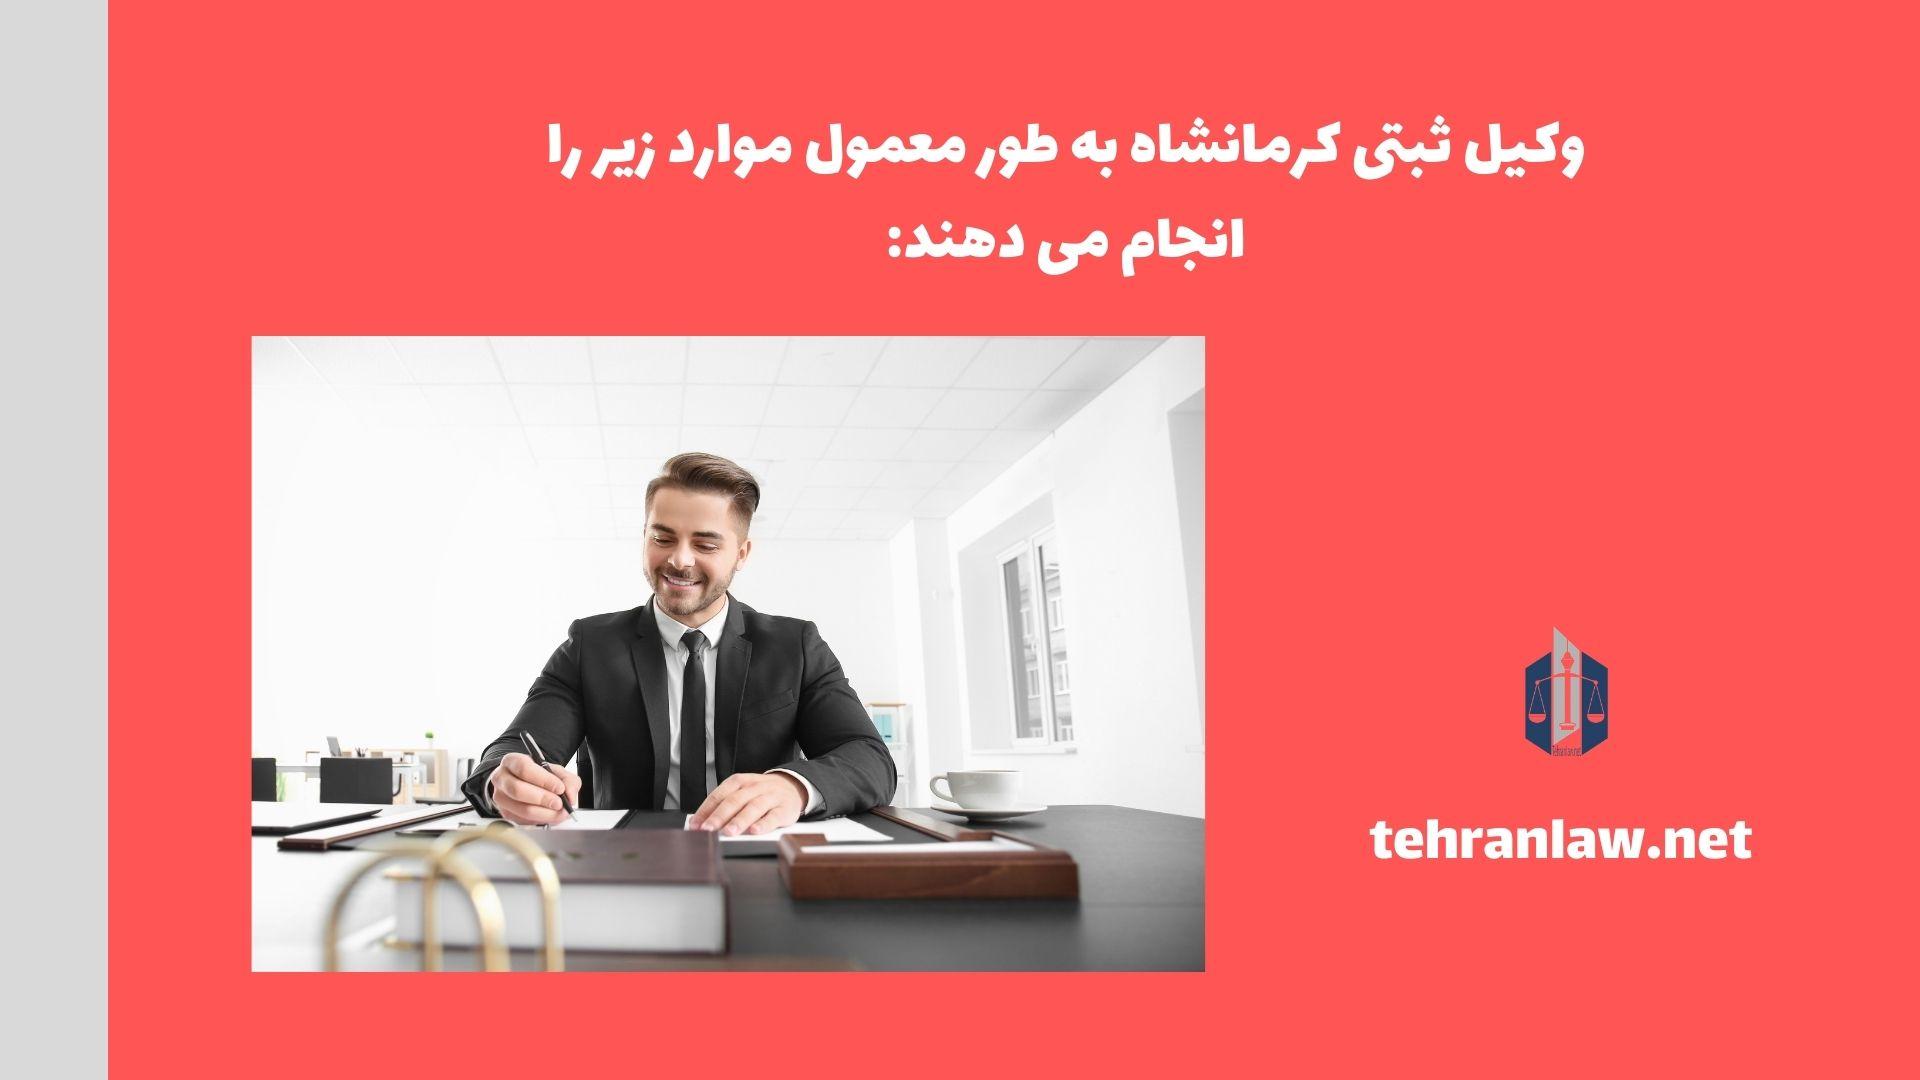 وکیل ثبتی کرمانشاه به طور معمول موارد زیر را انجام می دهند: